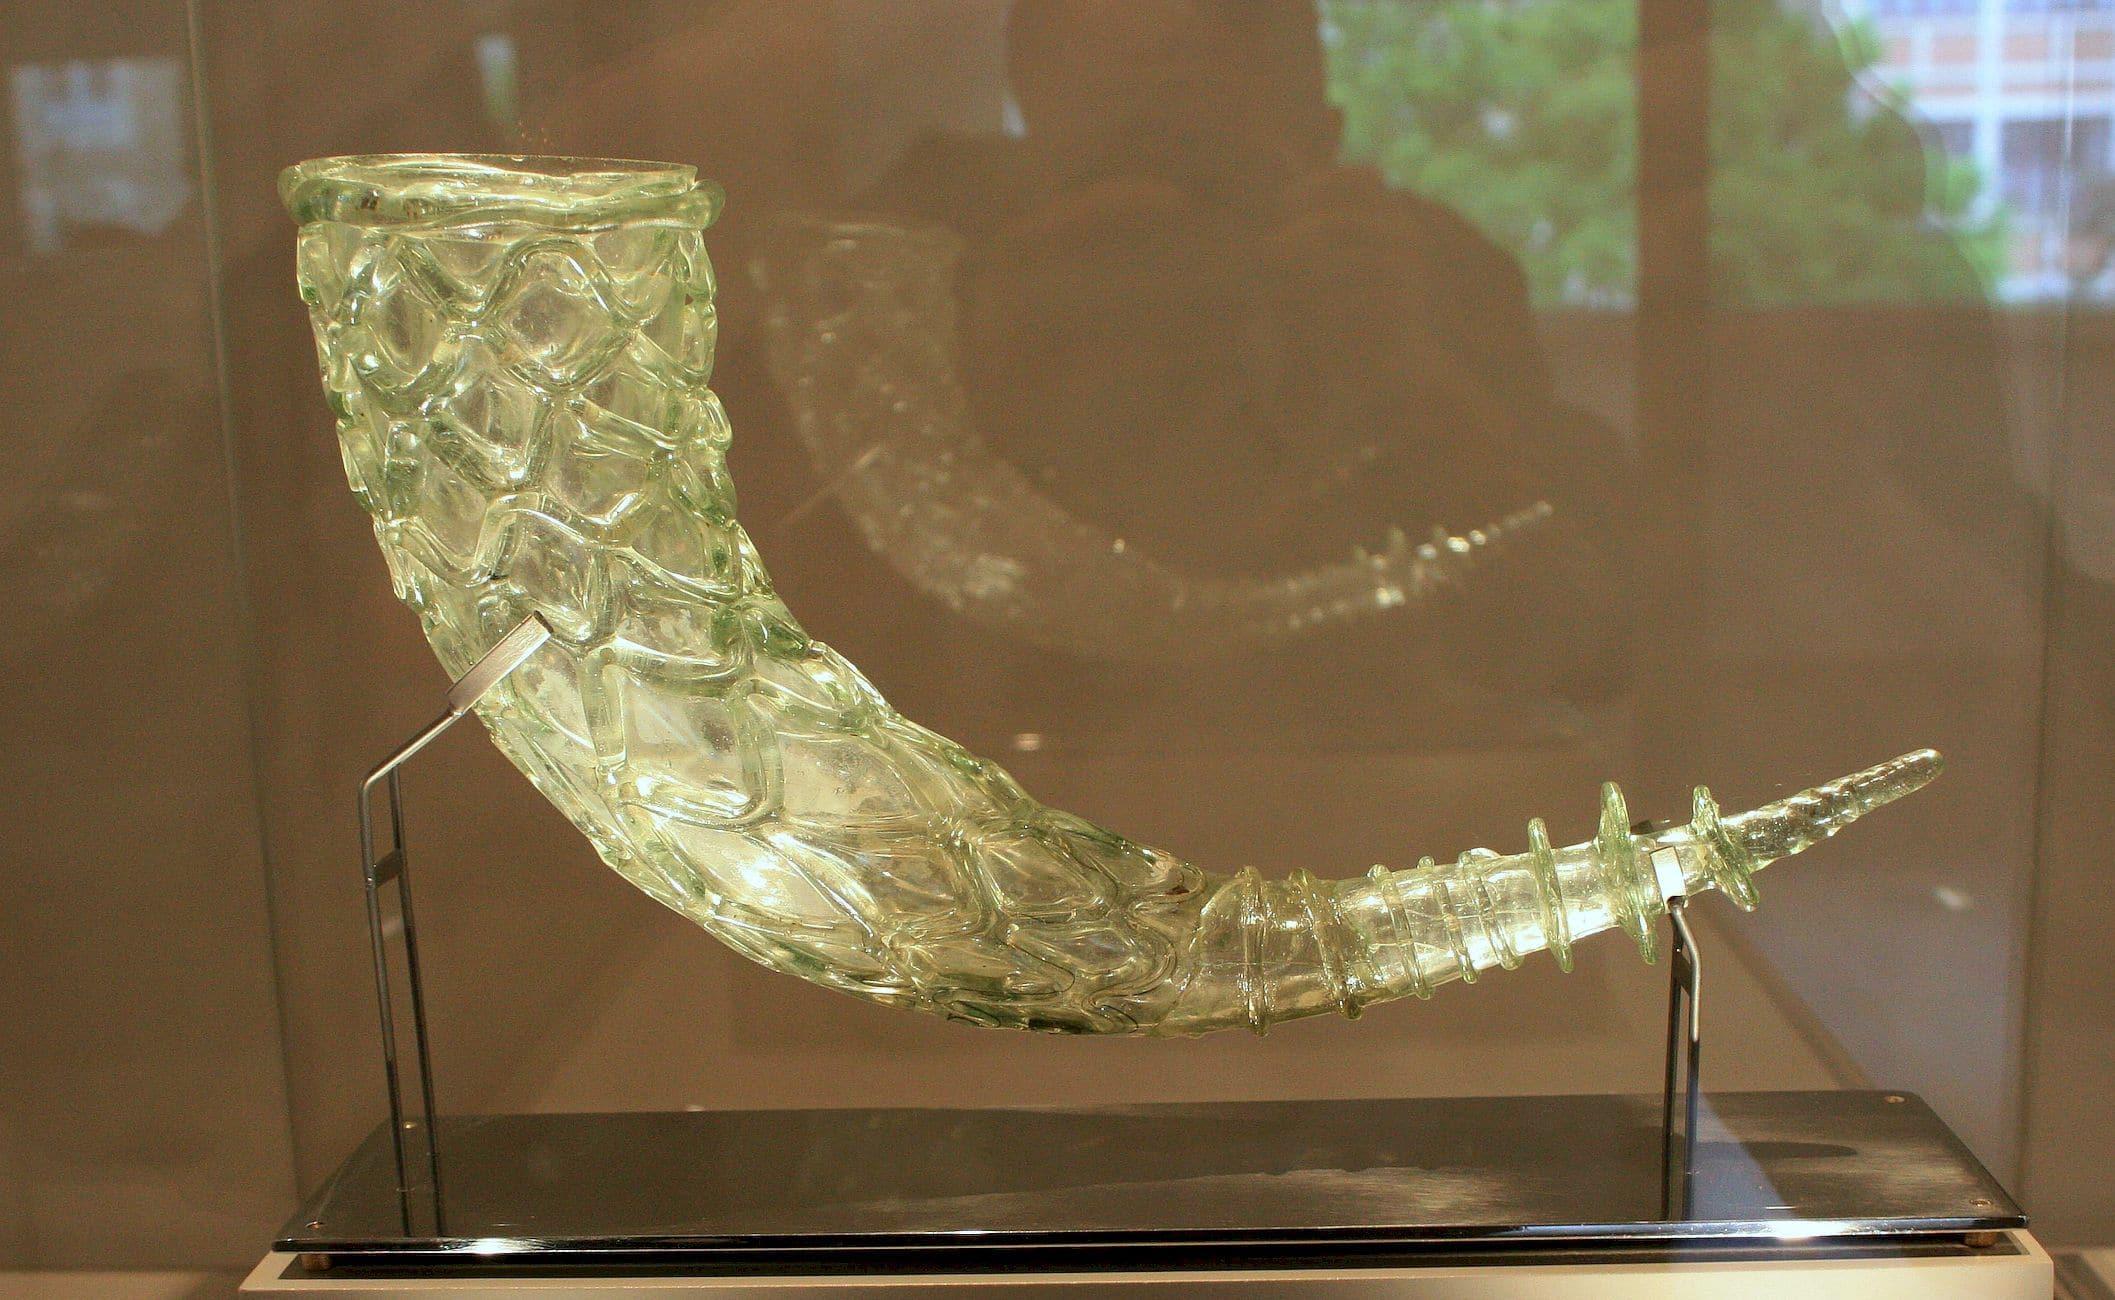 Corne de verre soufflé, IVè ou Vè siècle. époque gallo-romaine, Musée du Carré Plantagenêt , Le Mans, Cliché André Laffitte